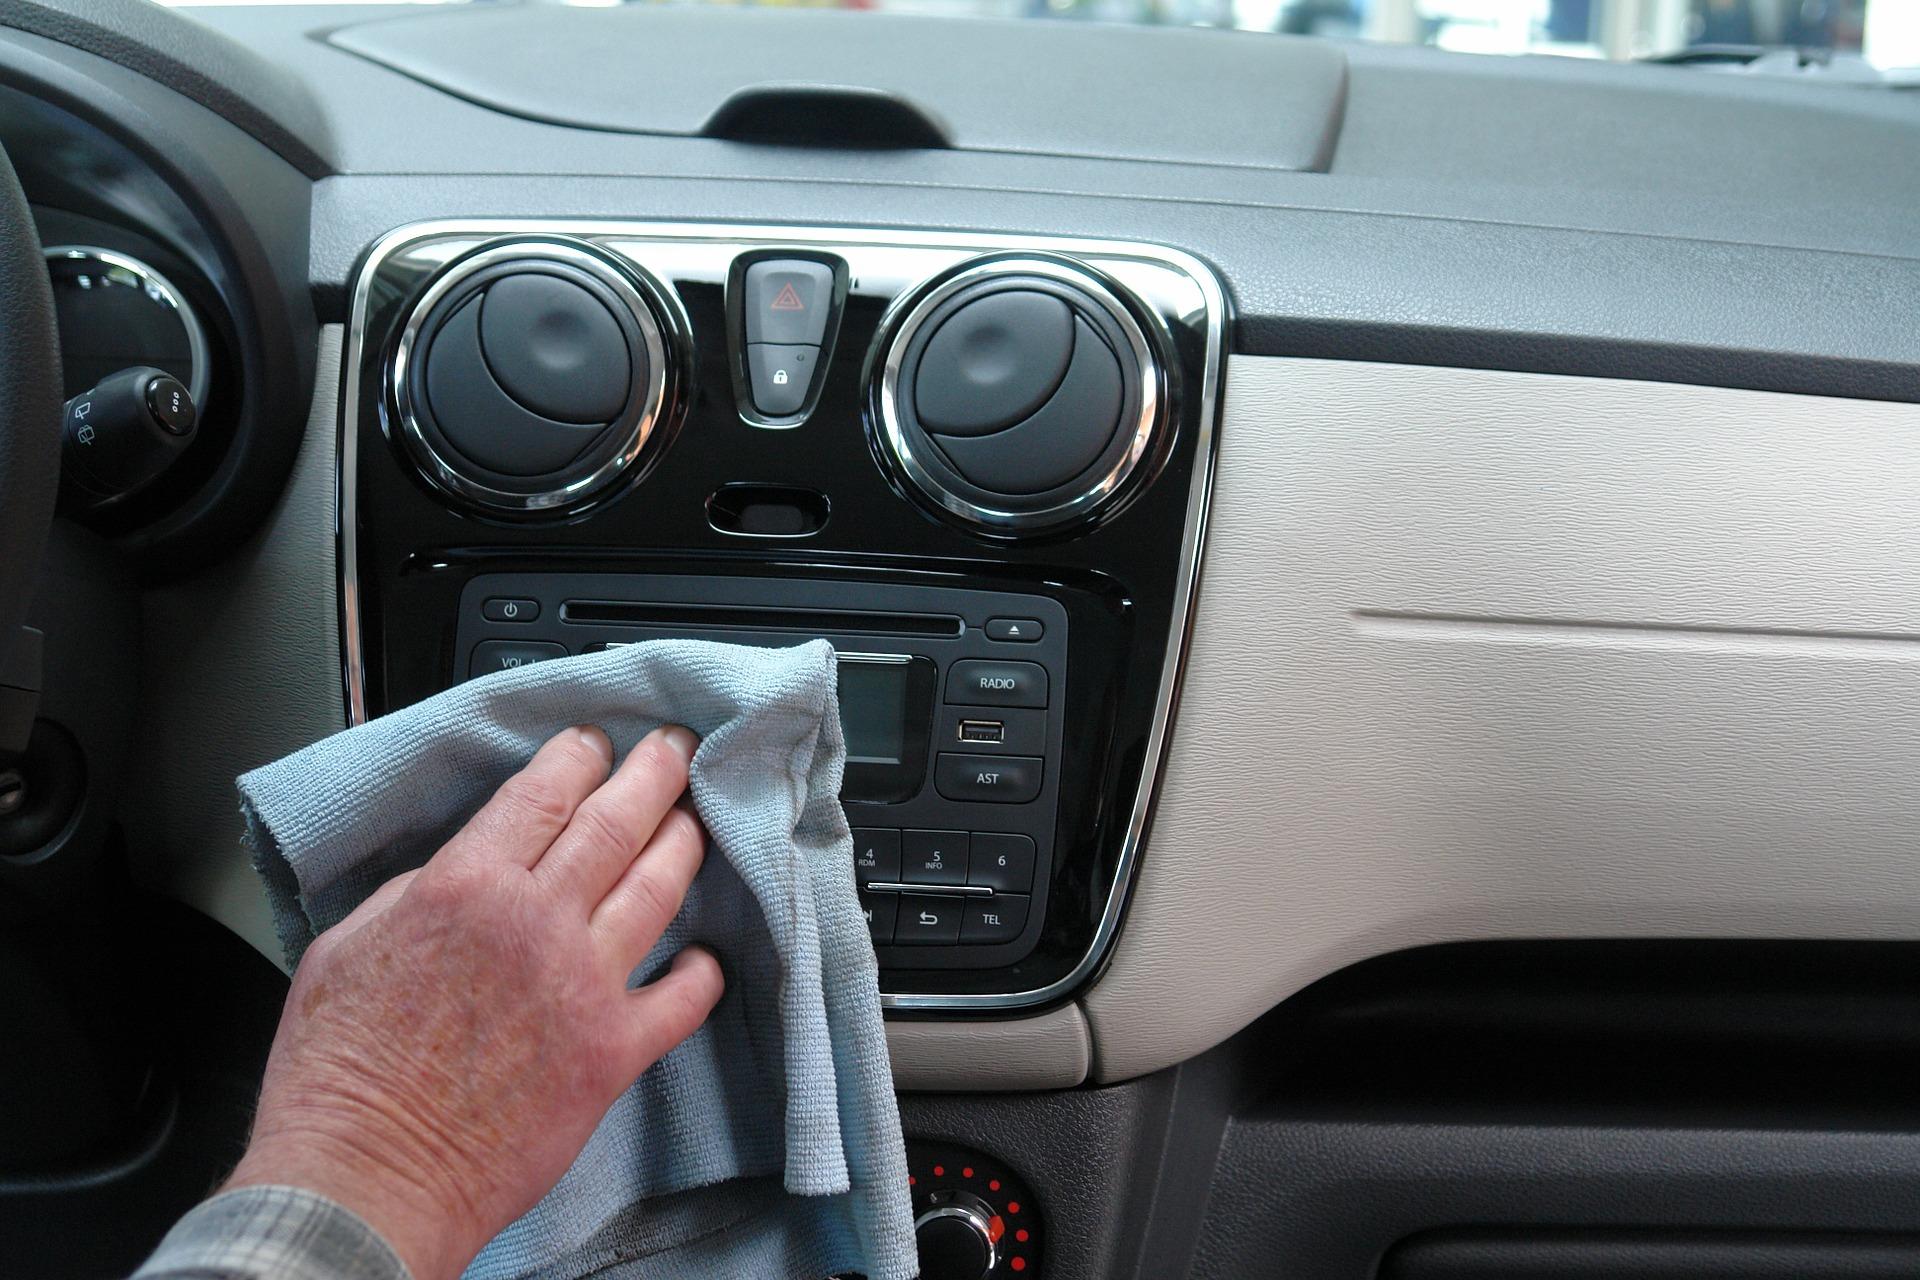 Entretien intérieur voiture